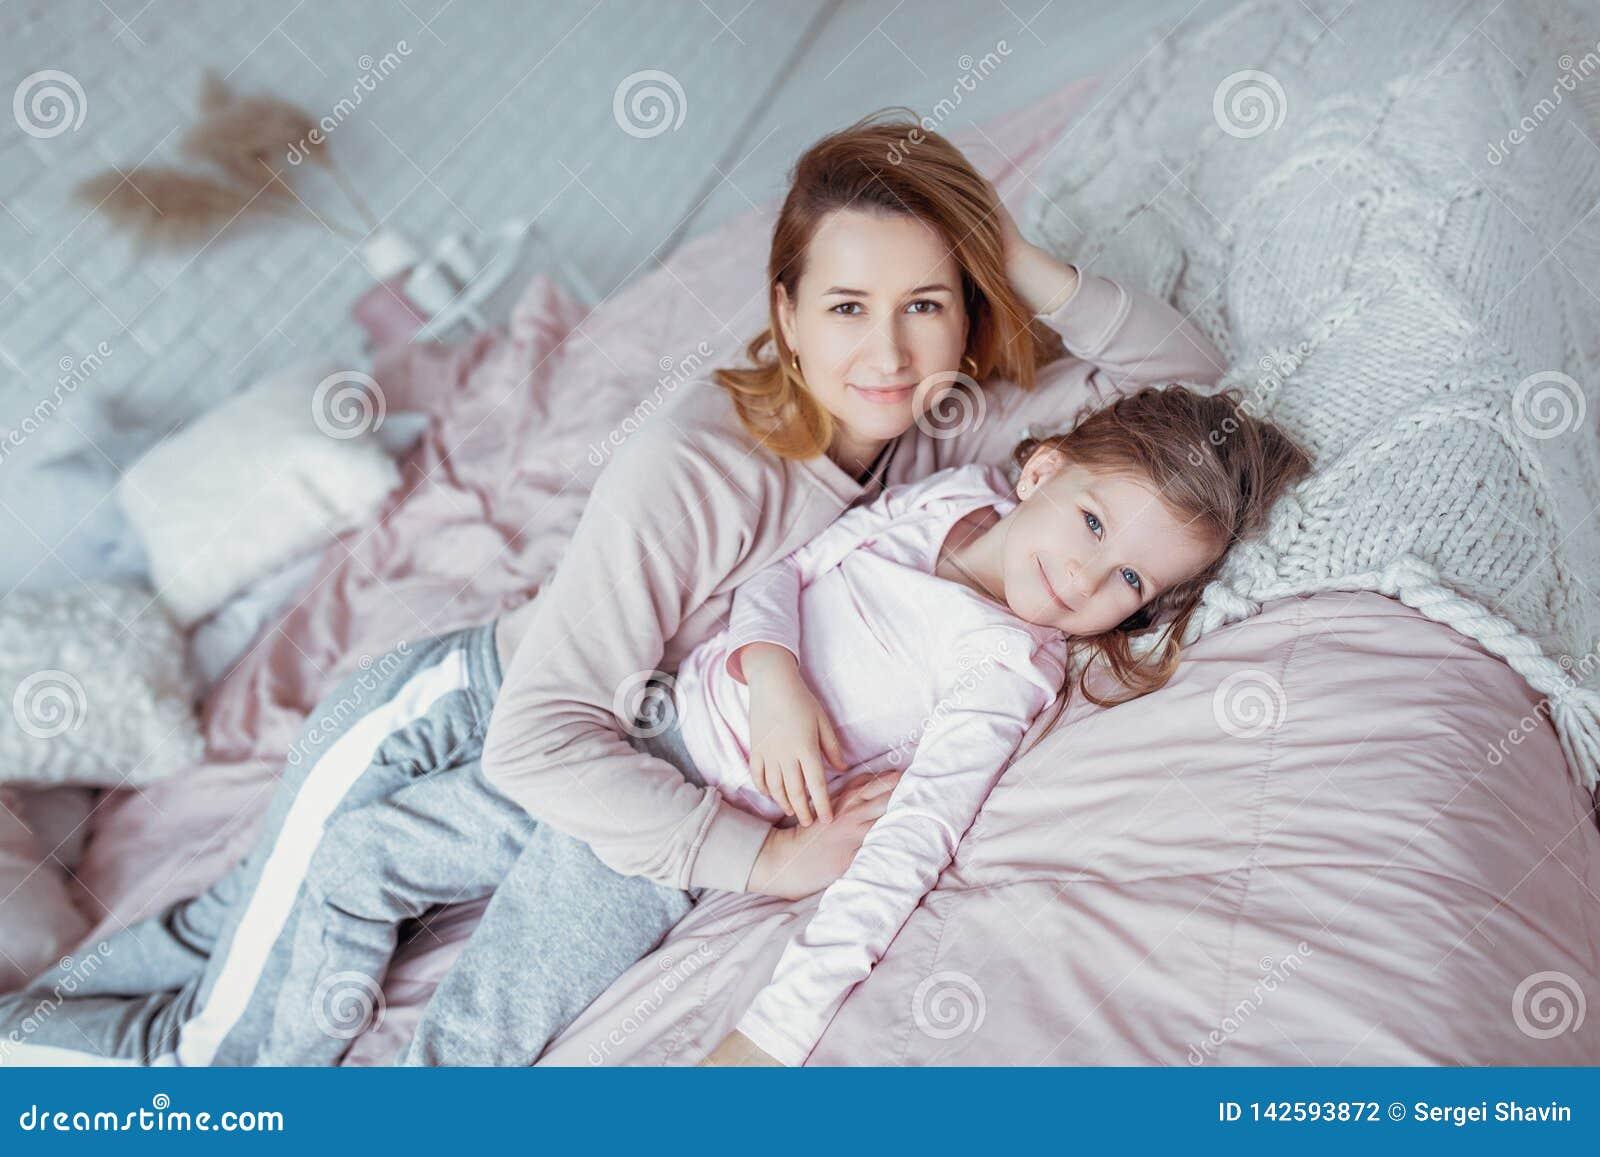 La madre joven hermosa y su pequeña hija están mintiendo juntas en la cama en el dormitorio, están jugando, están abrazando y se